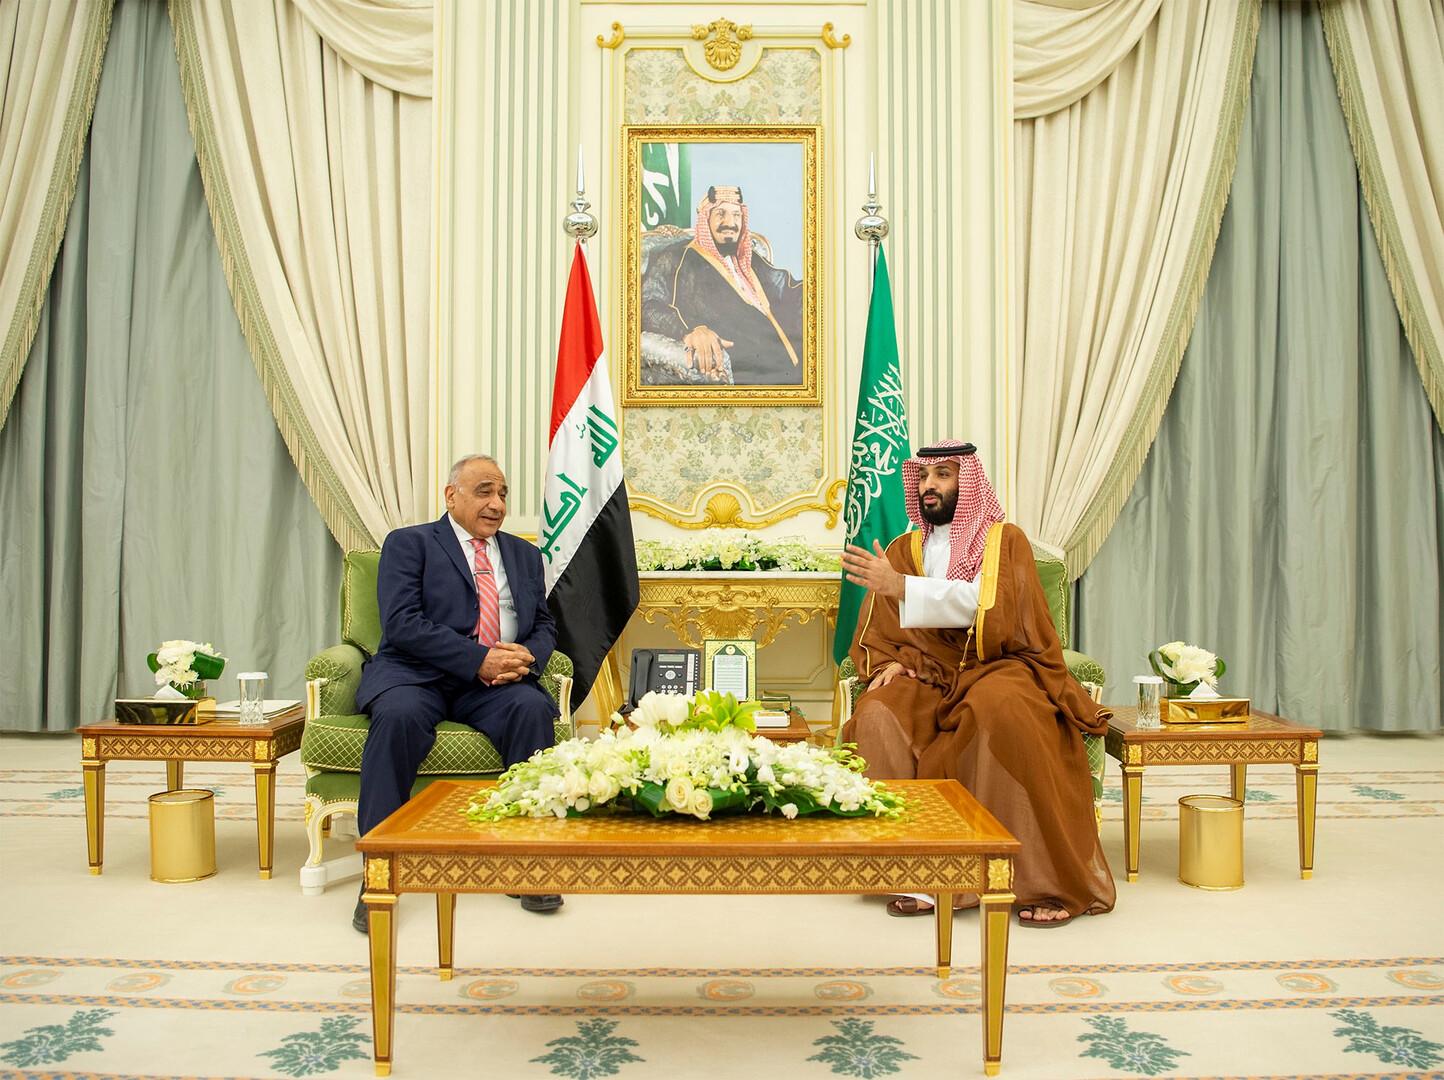 ولي العهد السعودي يبحث مع رئيس الوزراء العراقي